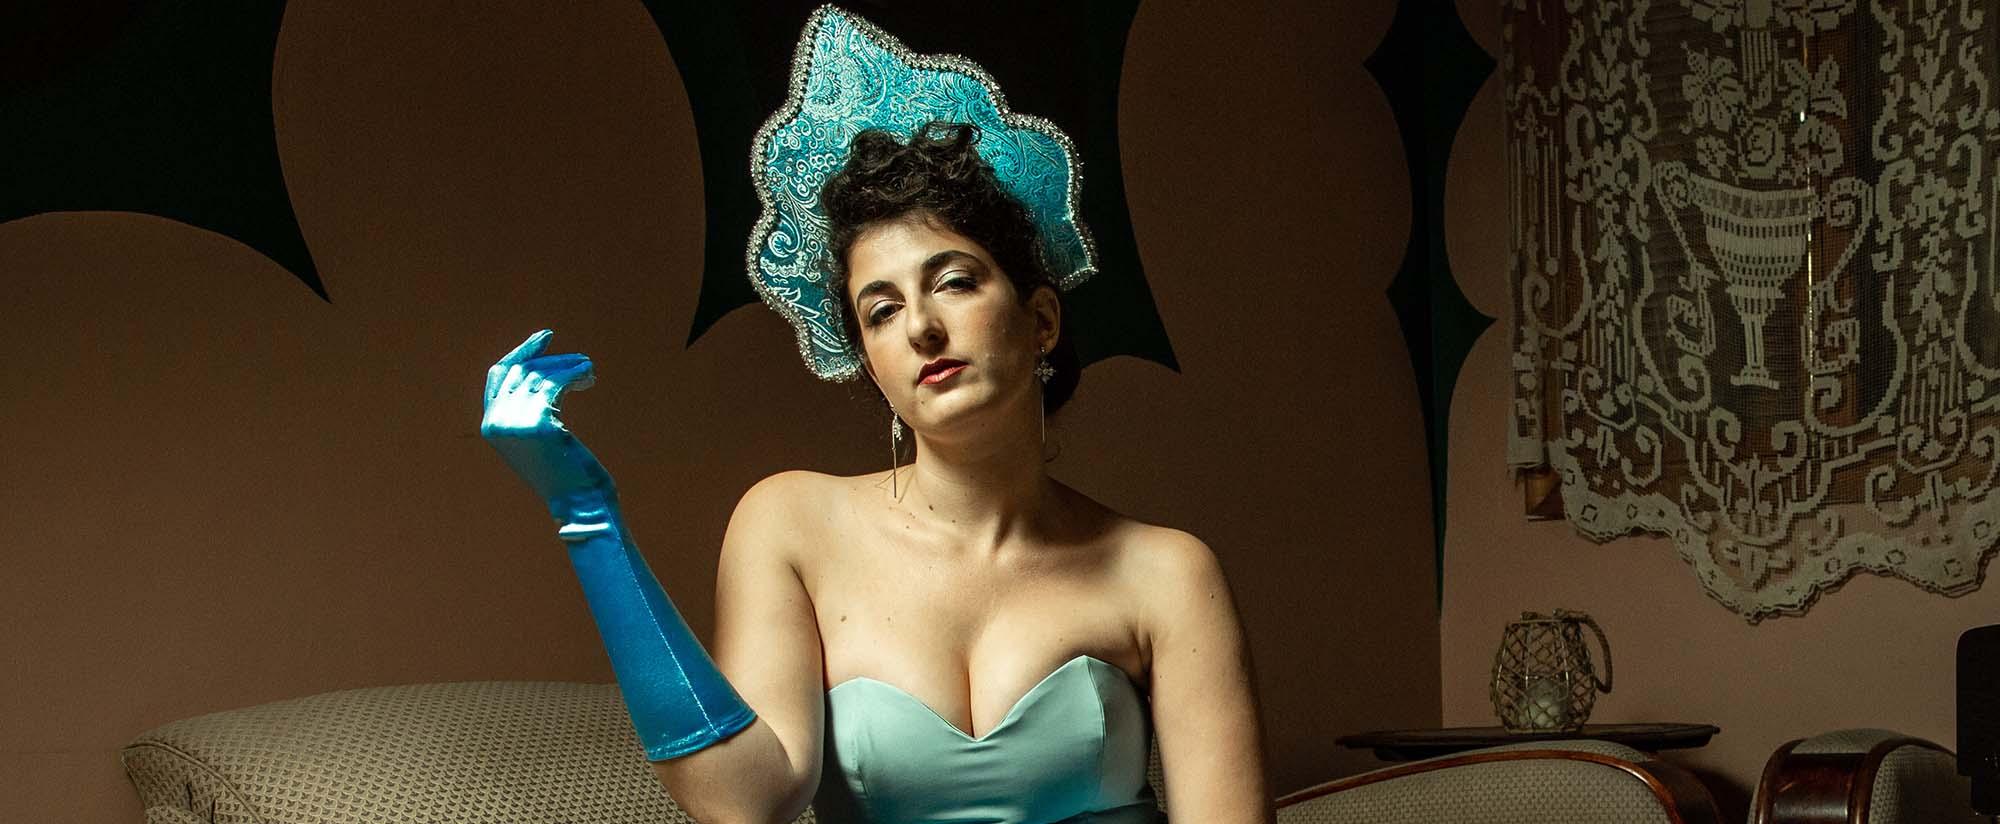 נובי גוד, מגזין אופנה